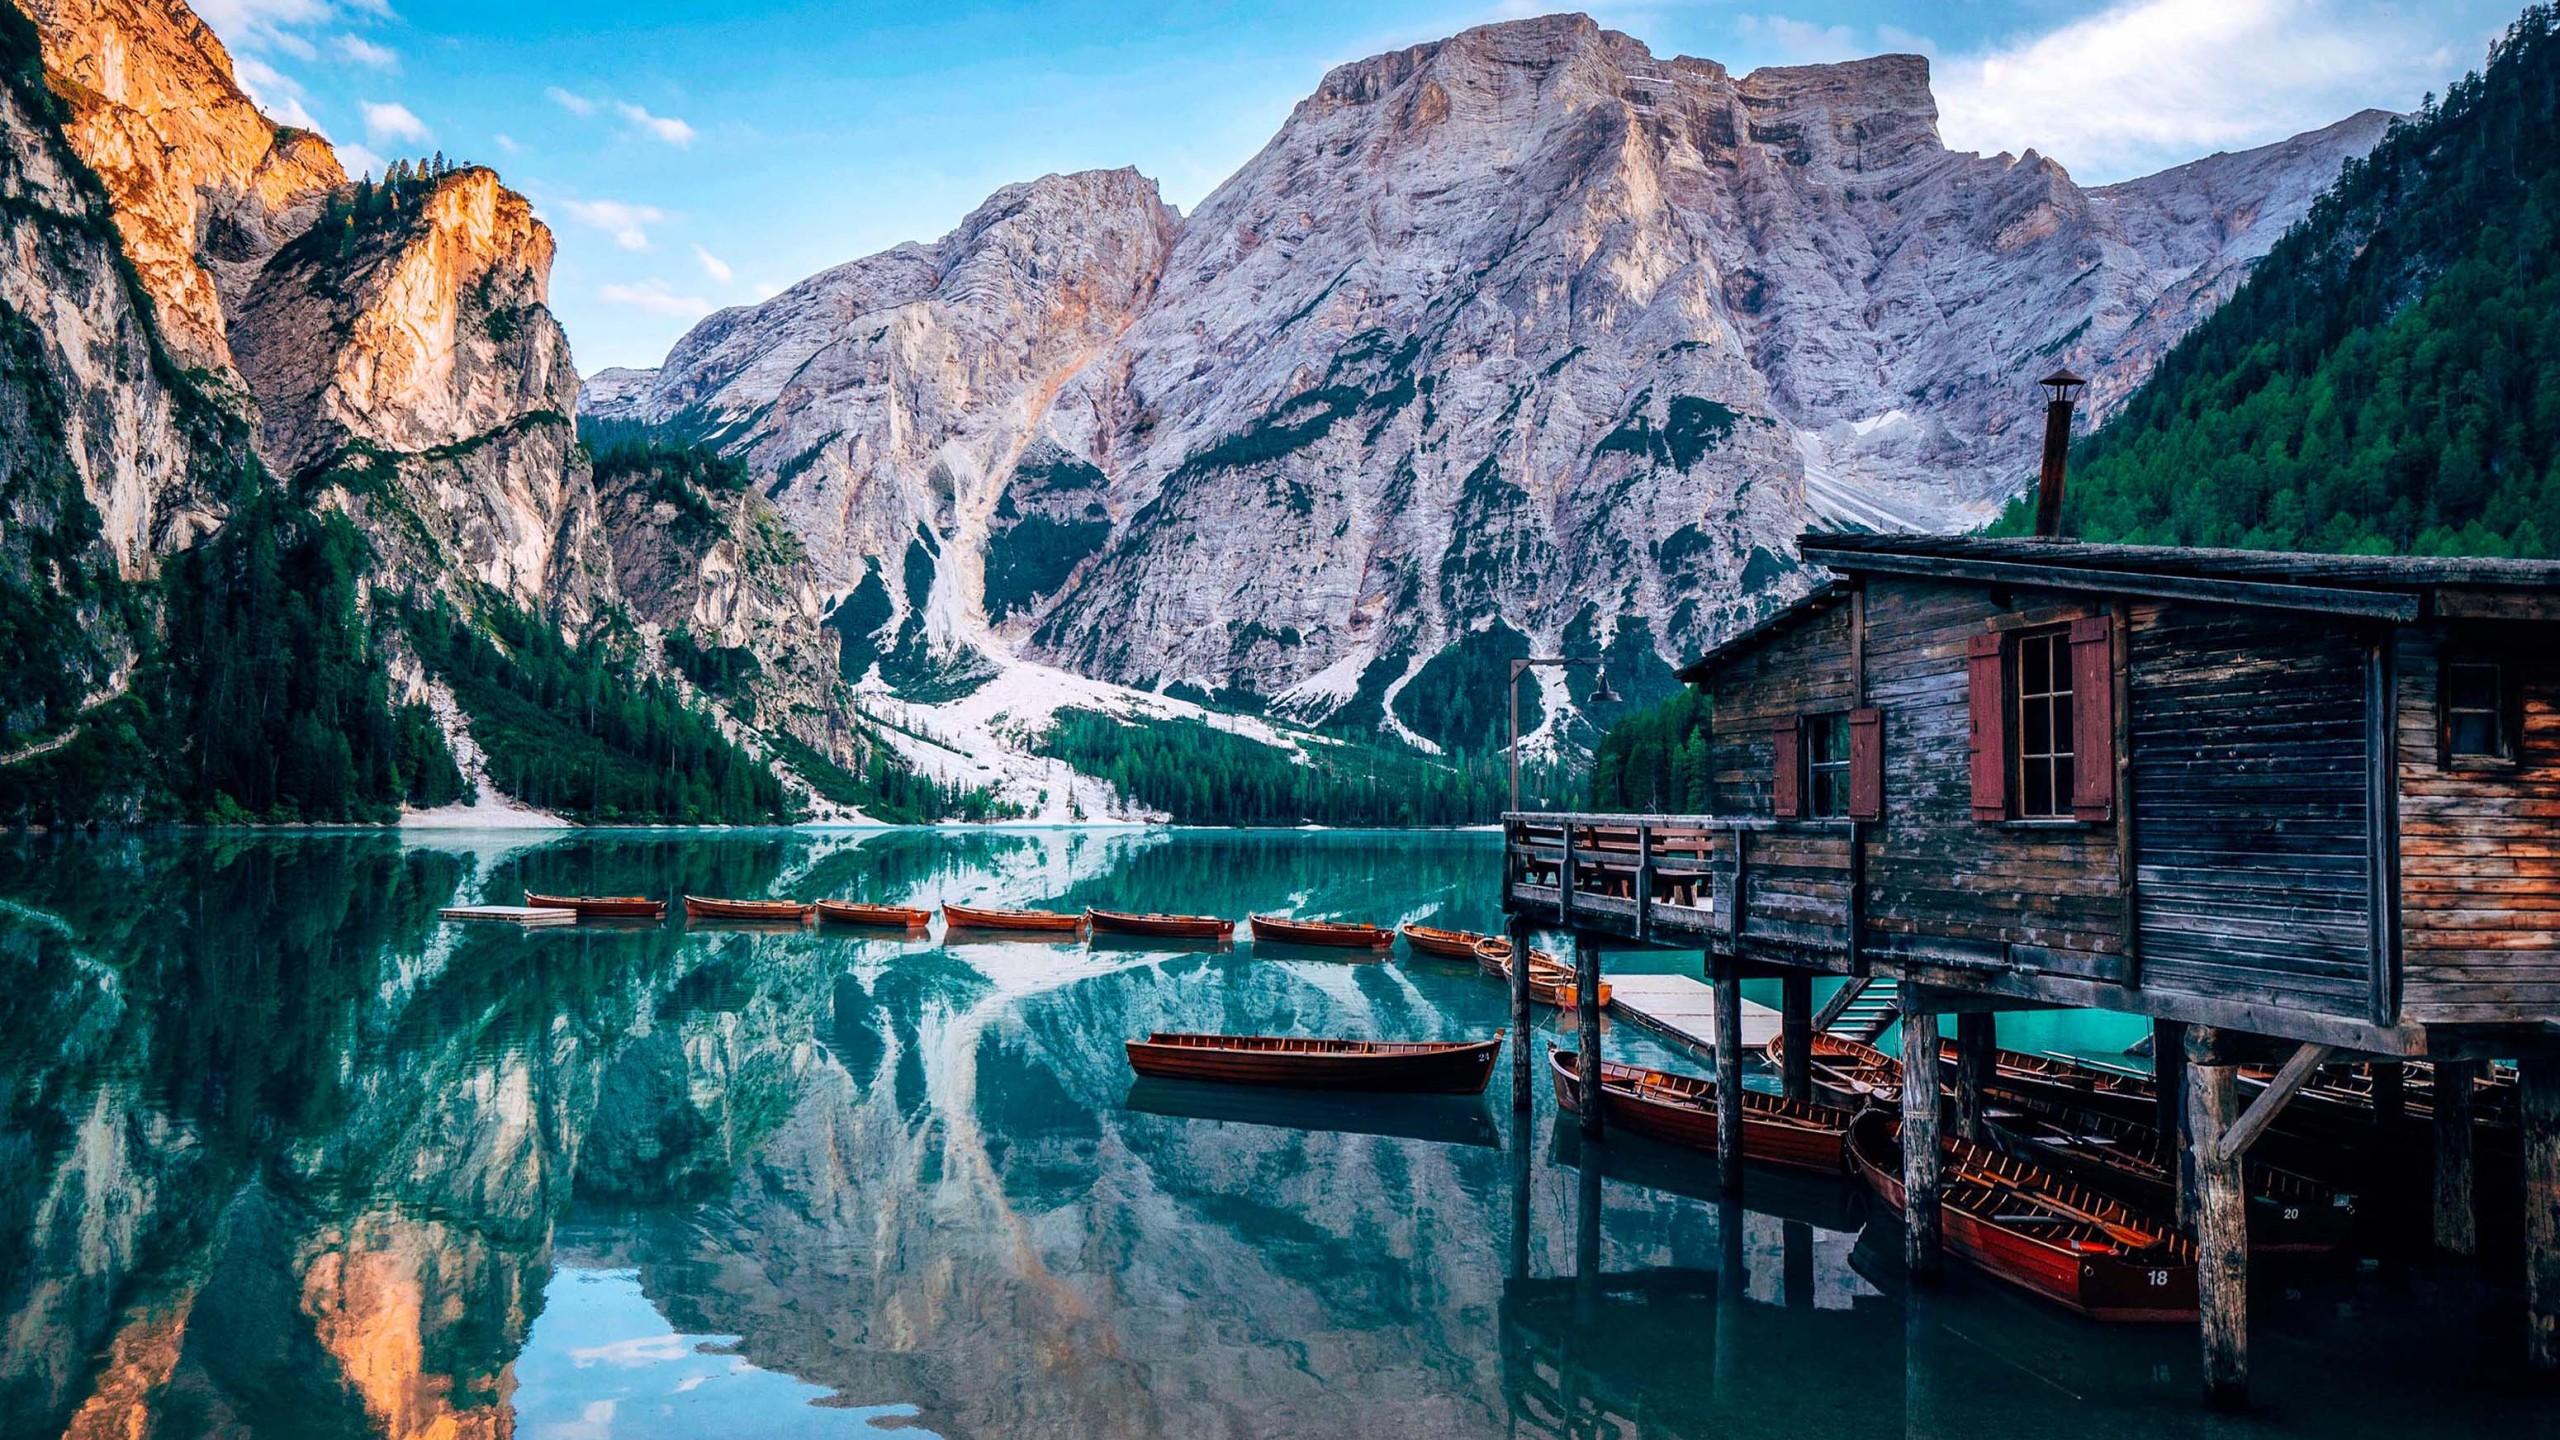 Falling Water Wallpaper Free Download Wallpaper Pragser Wildsee Lake Italy Europe 4k Travel